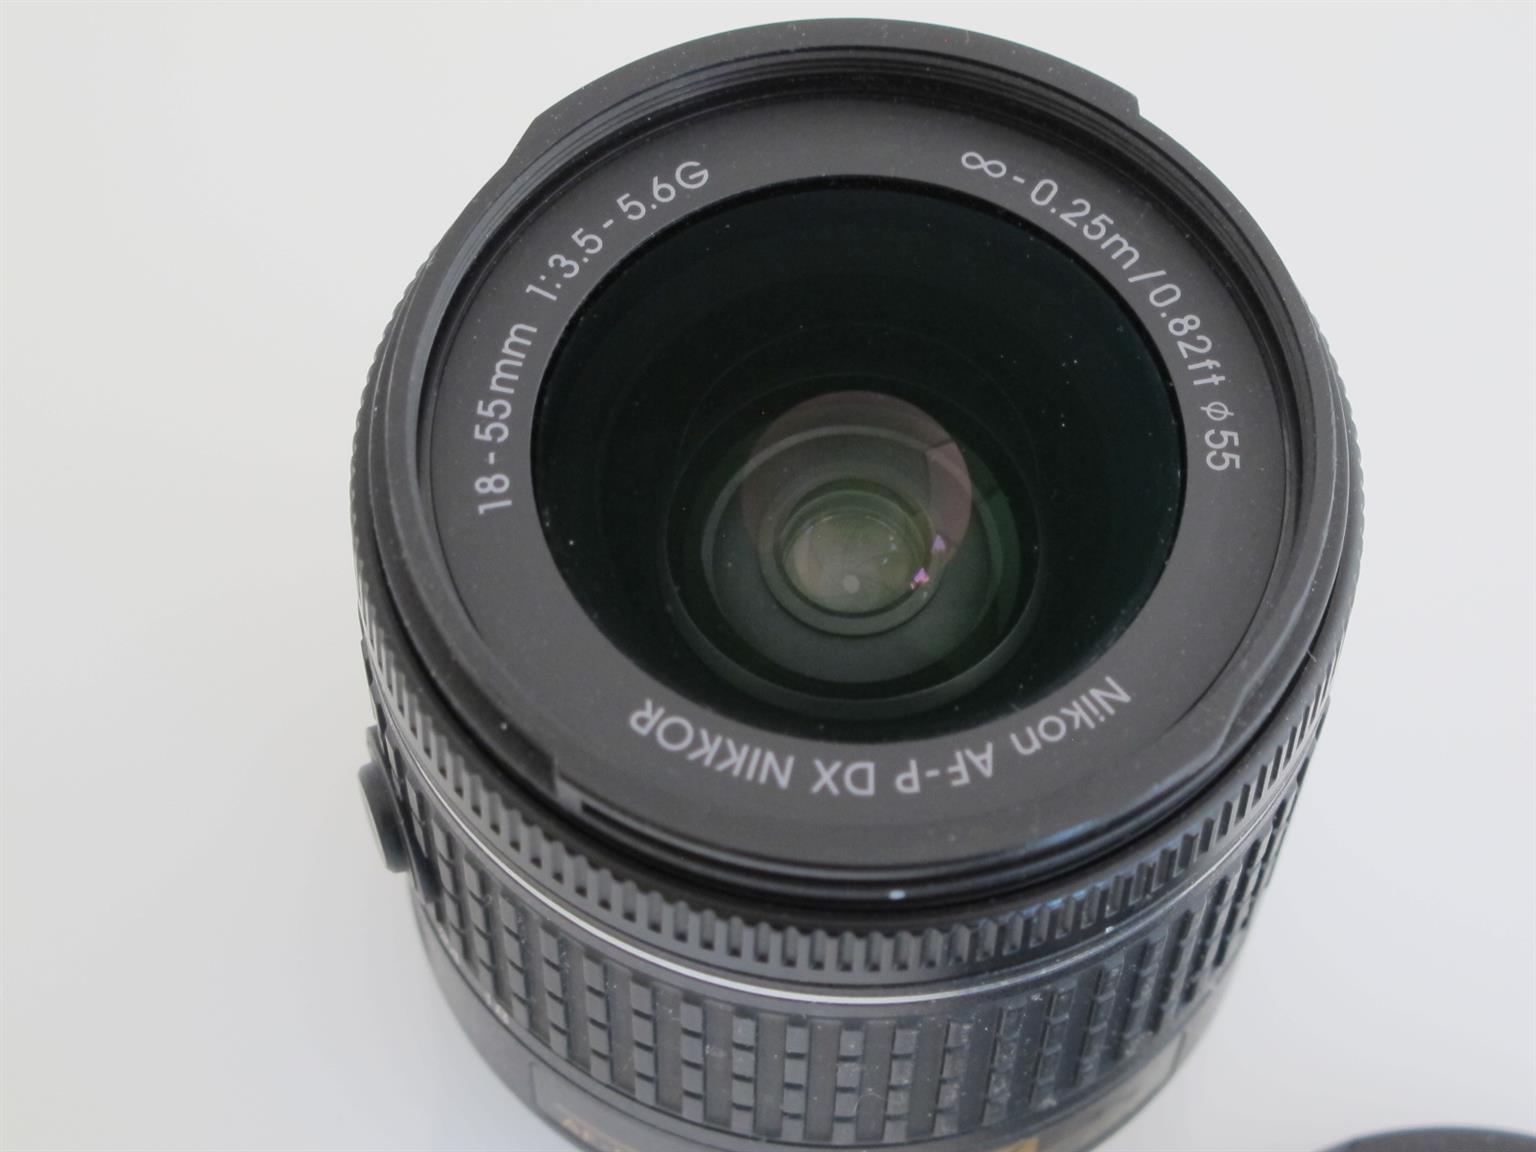 Nikon AF-P DX 18-55MM F/3.5-5.6G ED II Lens